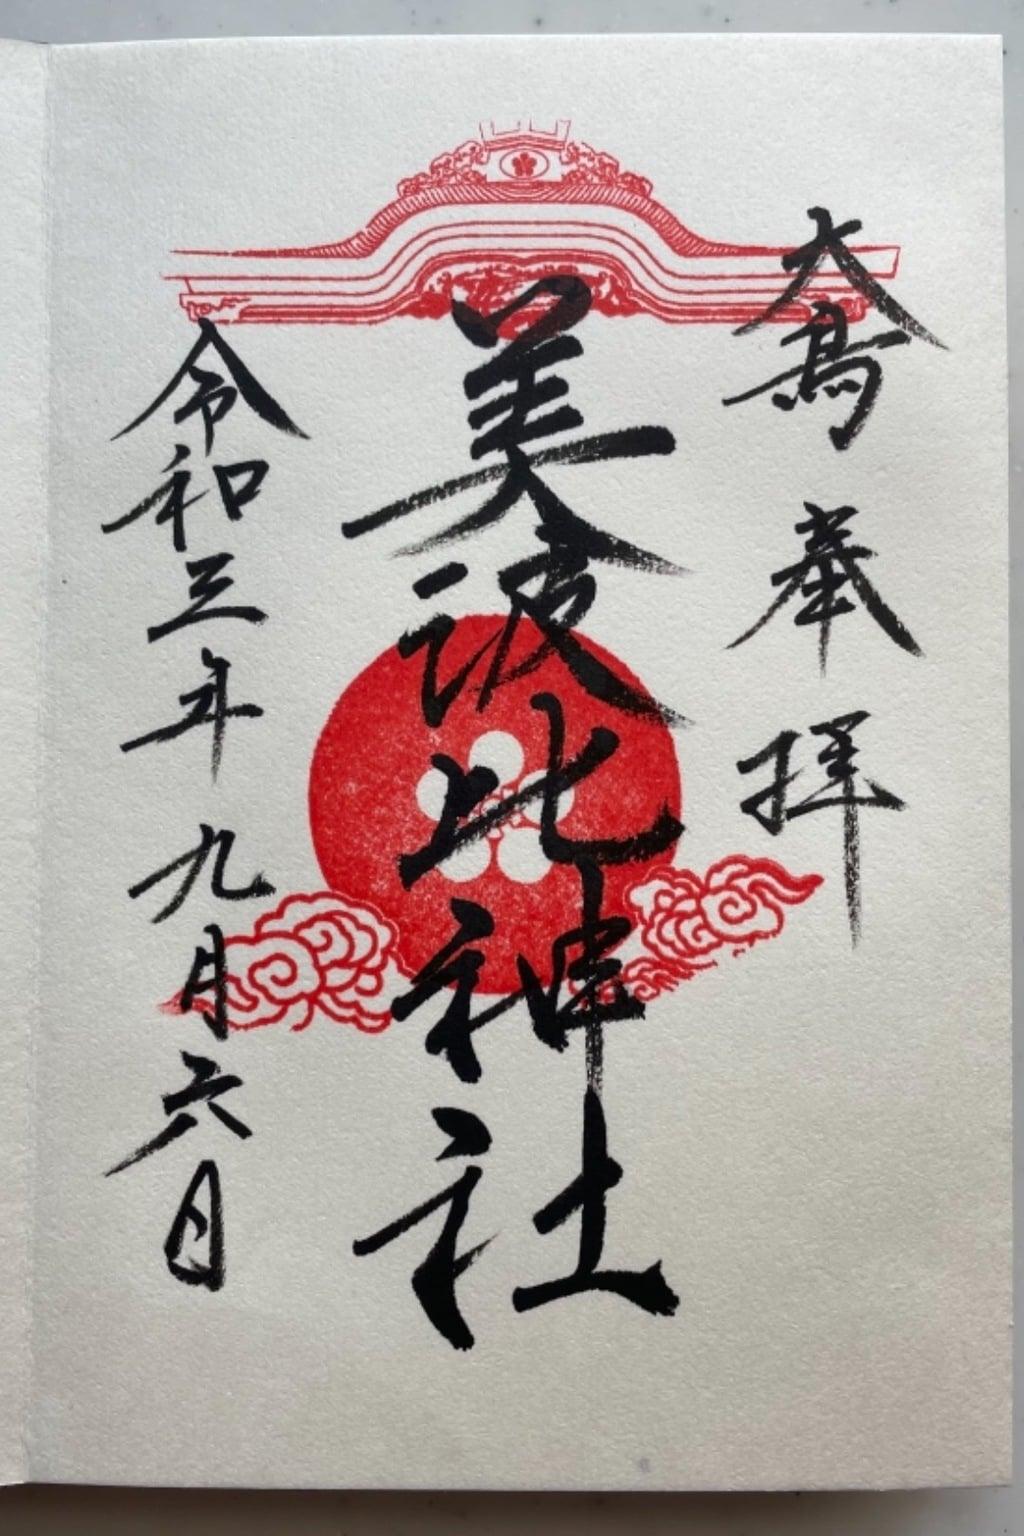 大鳥美波比神社(大鳥大社境内摂社)の御朱印